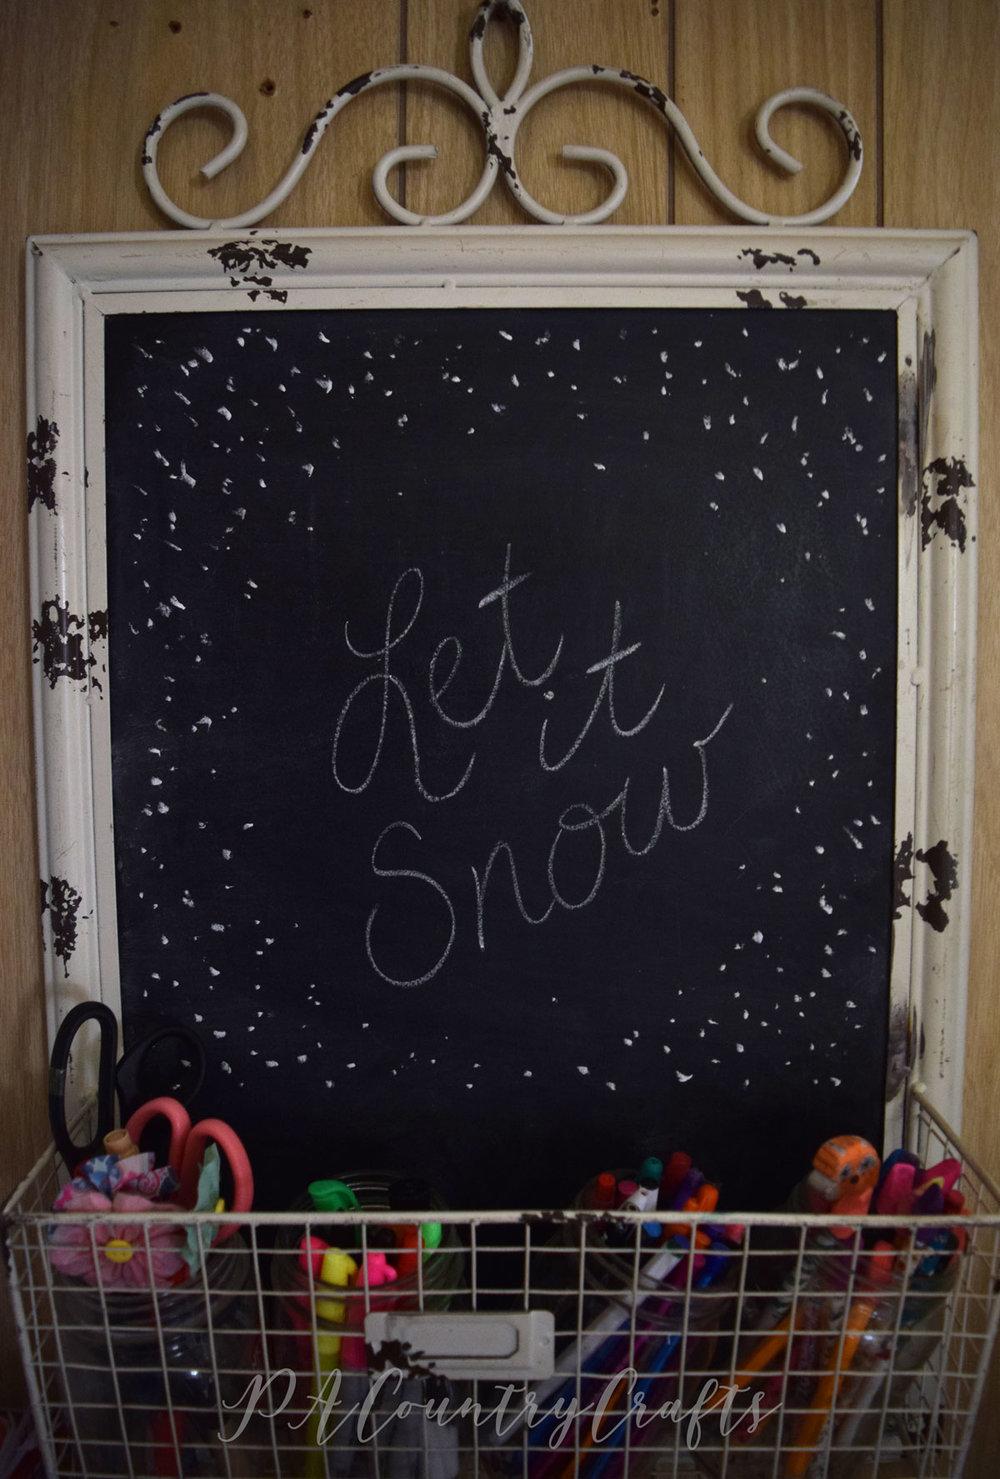 Let it Snow simple chalkboard